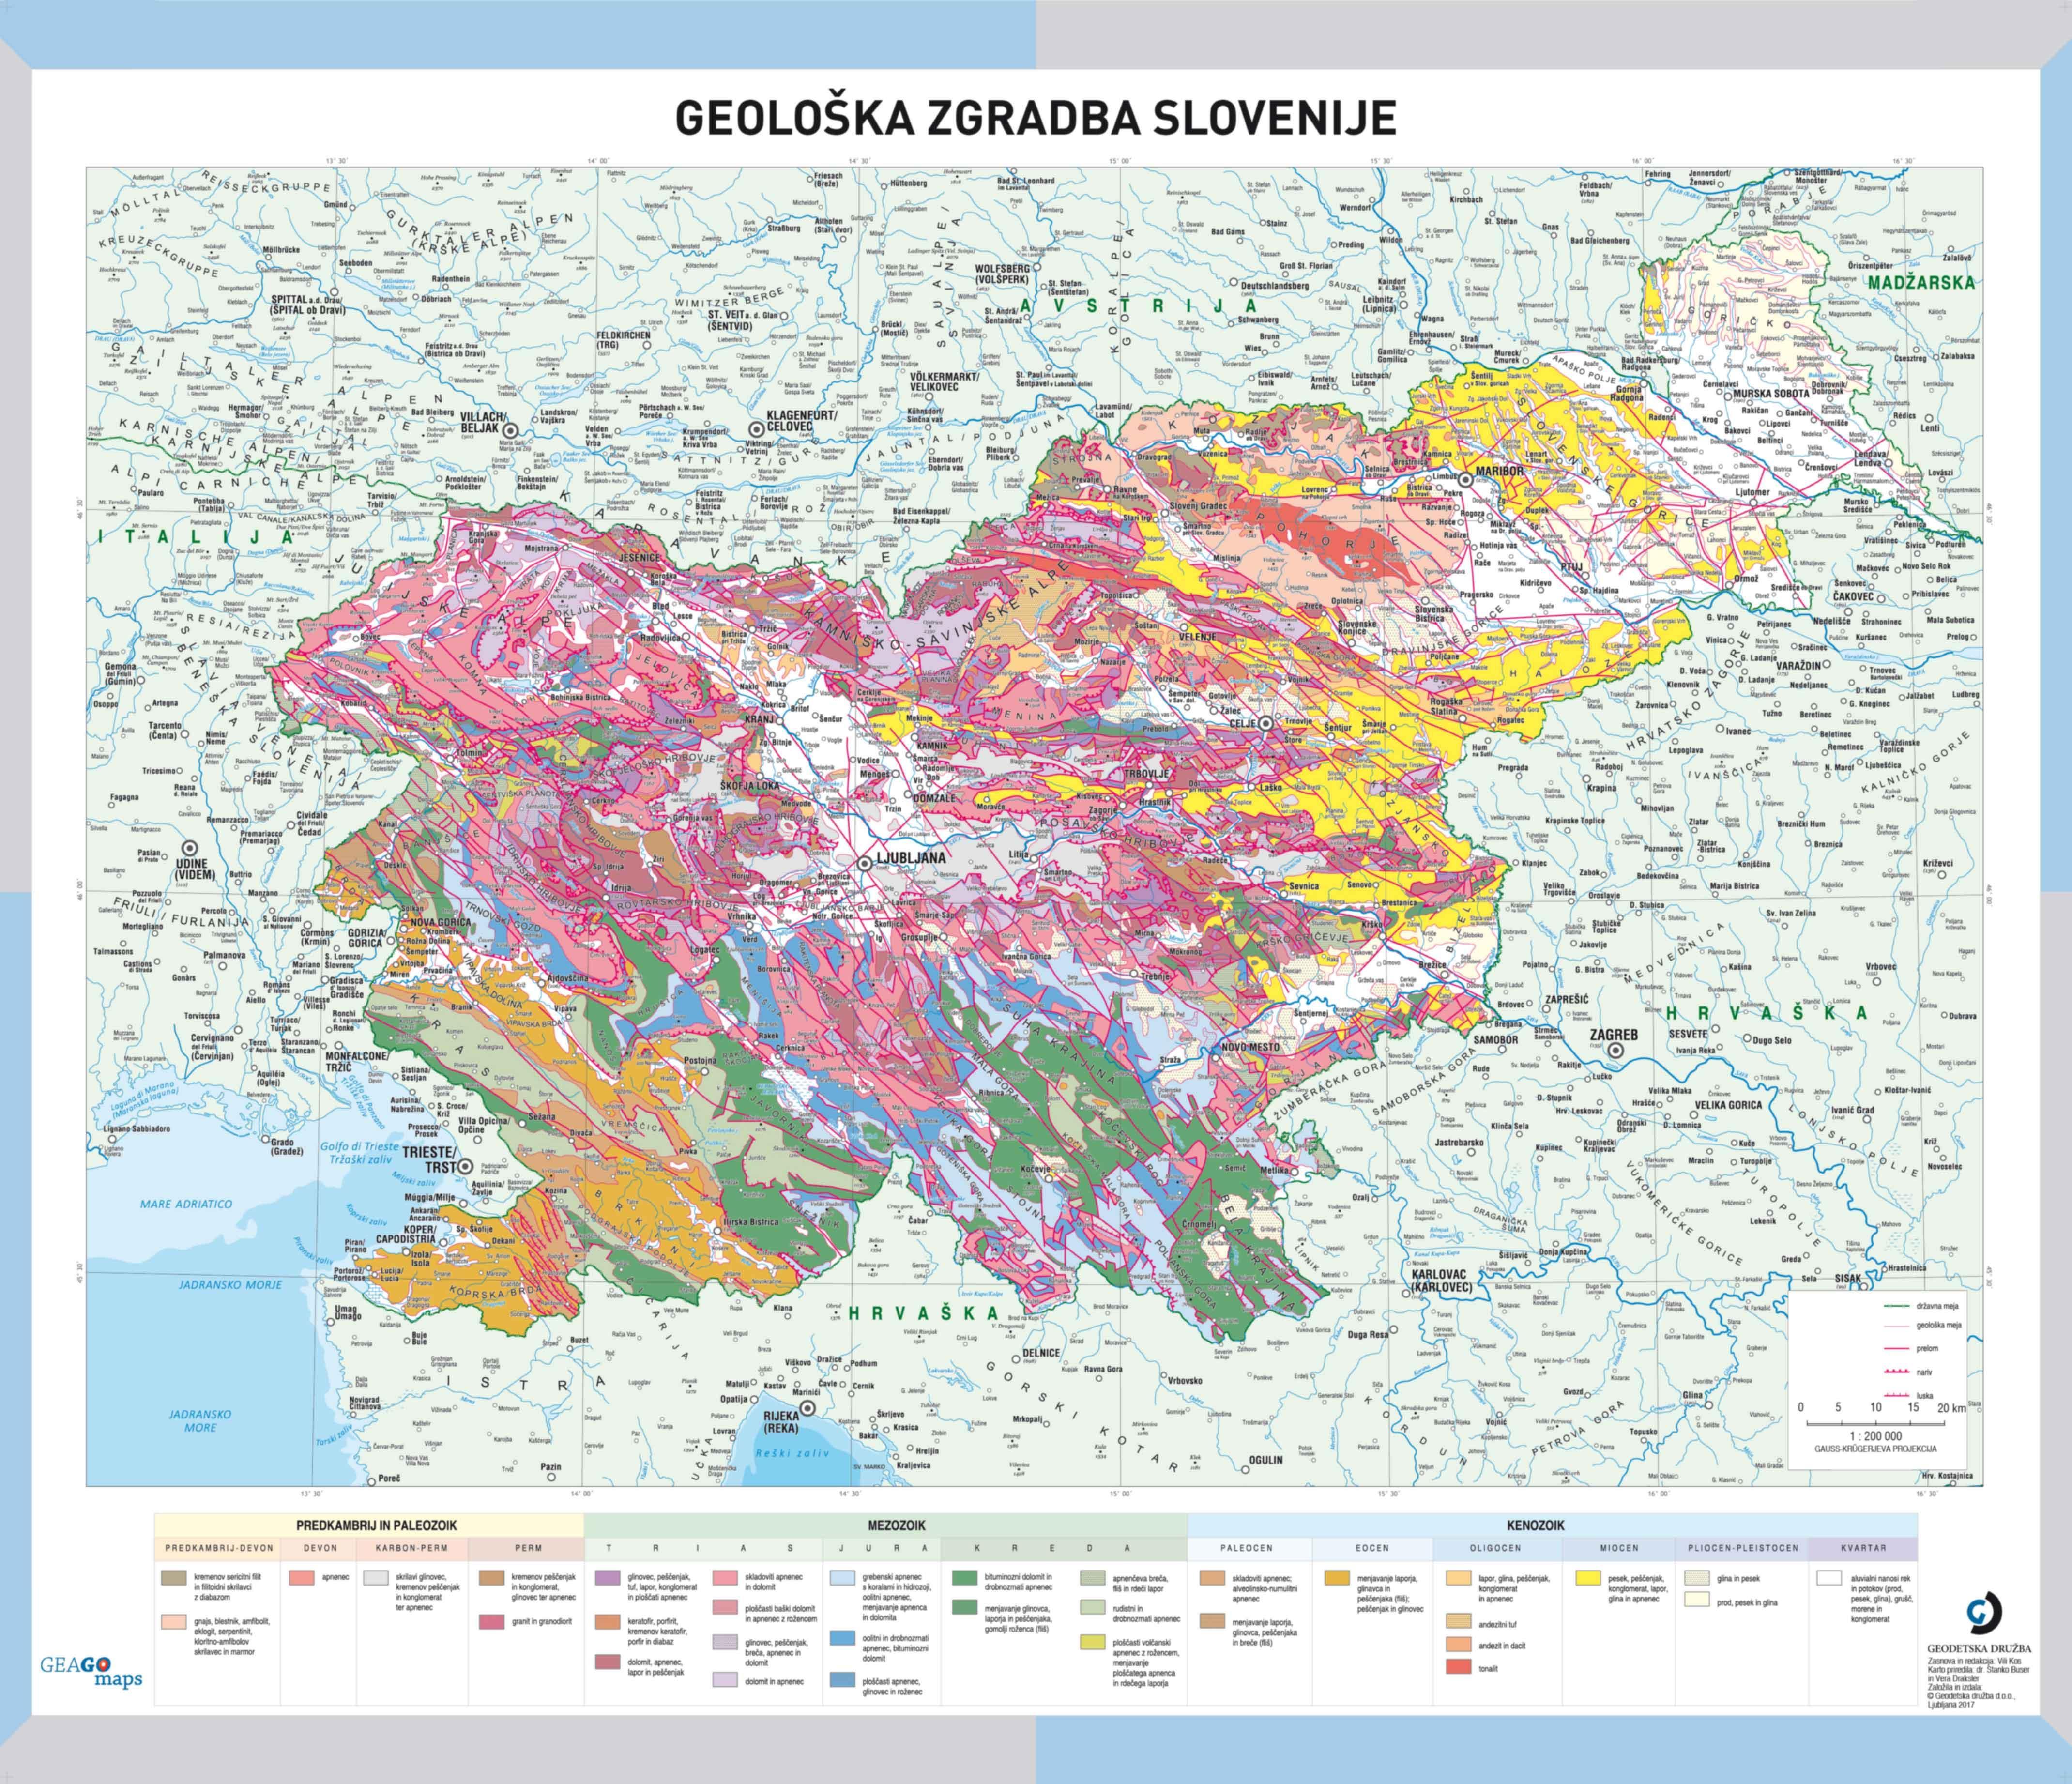 Geološka zgradba Slovenije